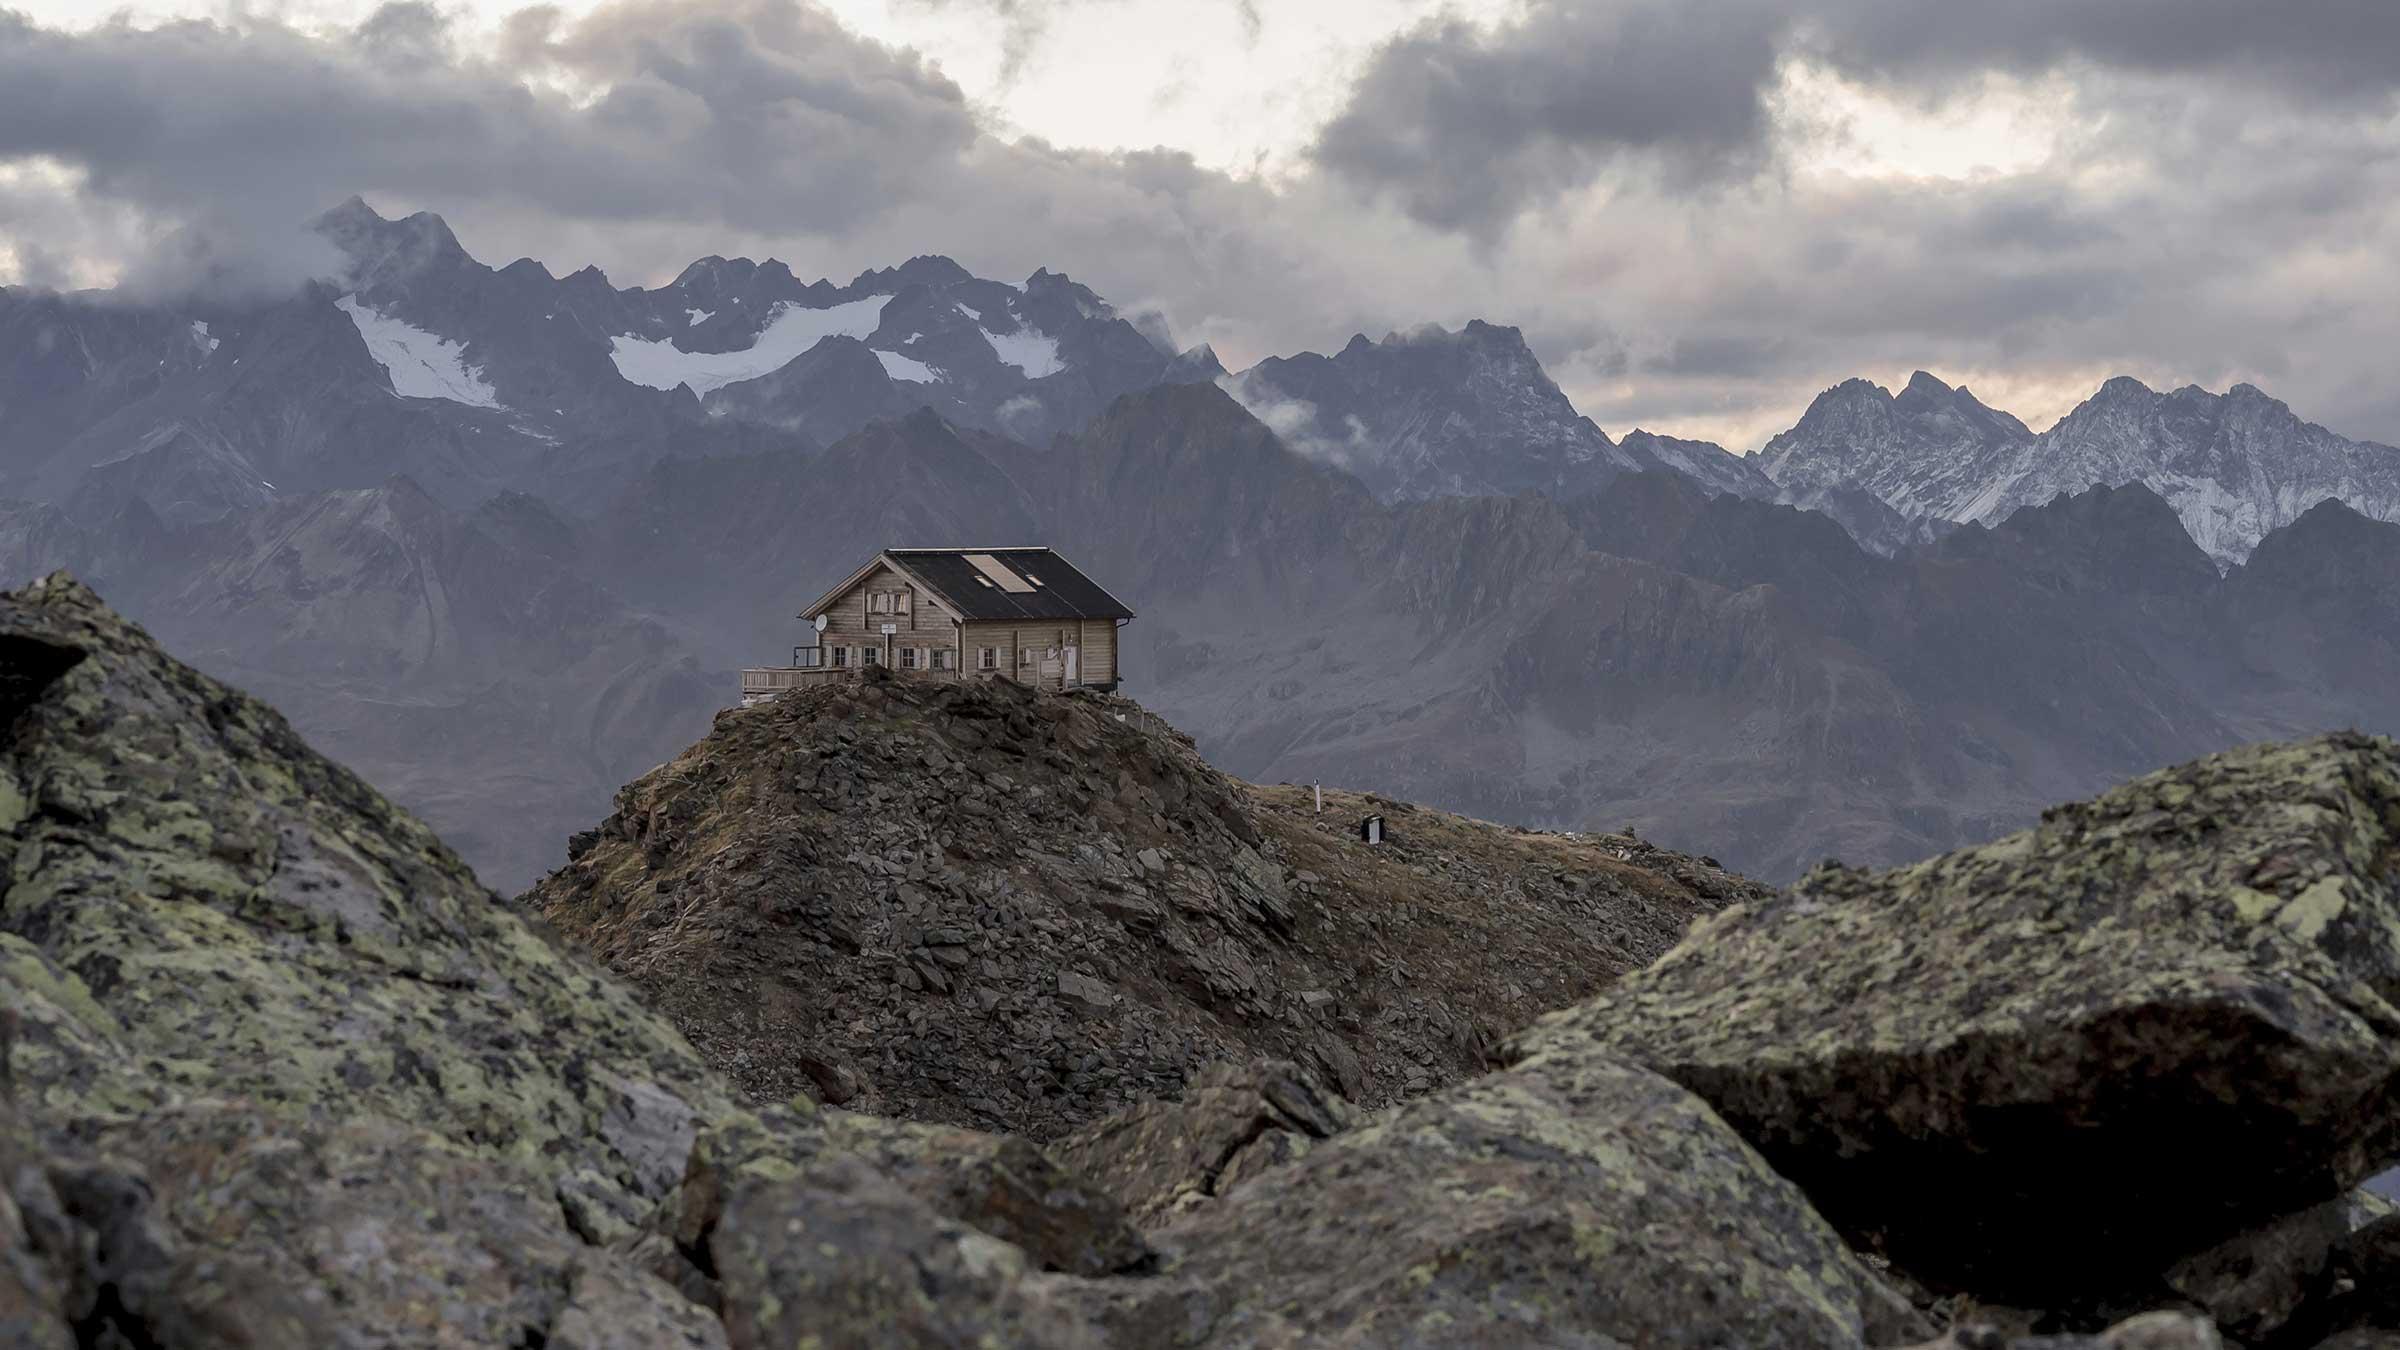 Wanderung zum Brunnenkogelhaus: 835 vielfältige Höhenmeter zum Ziel